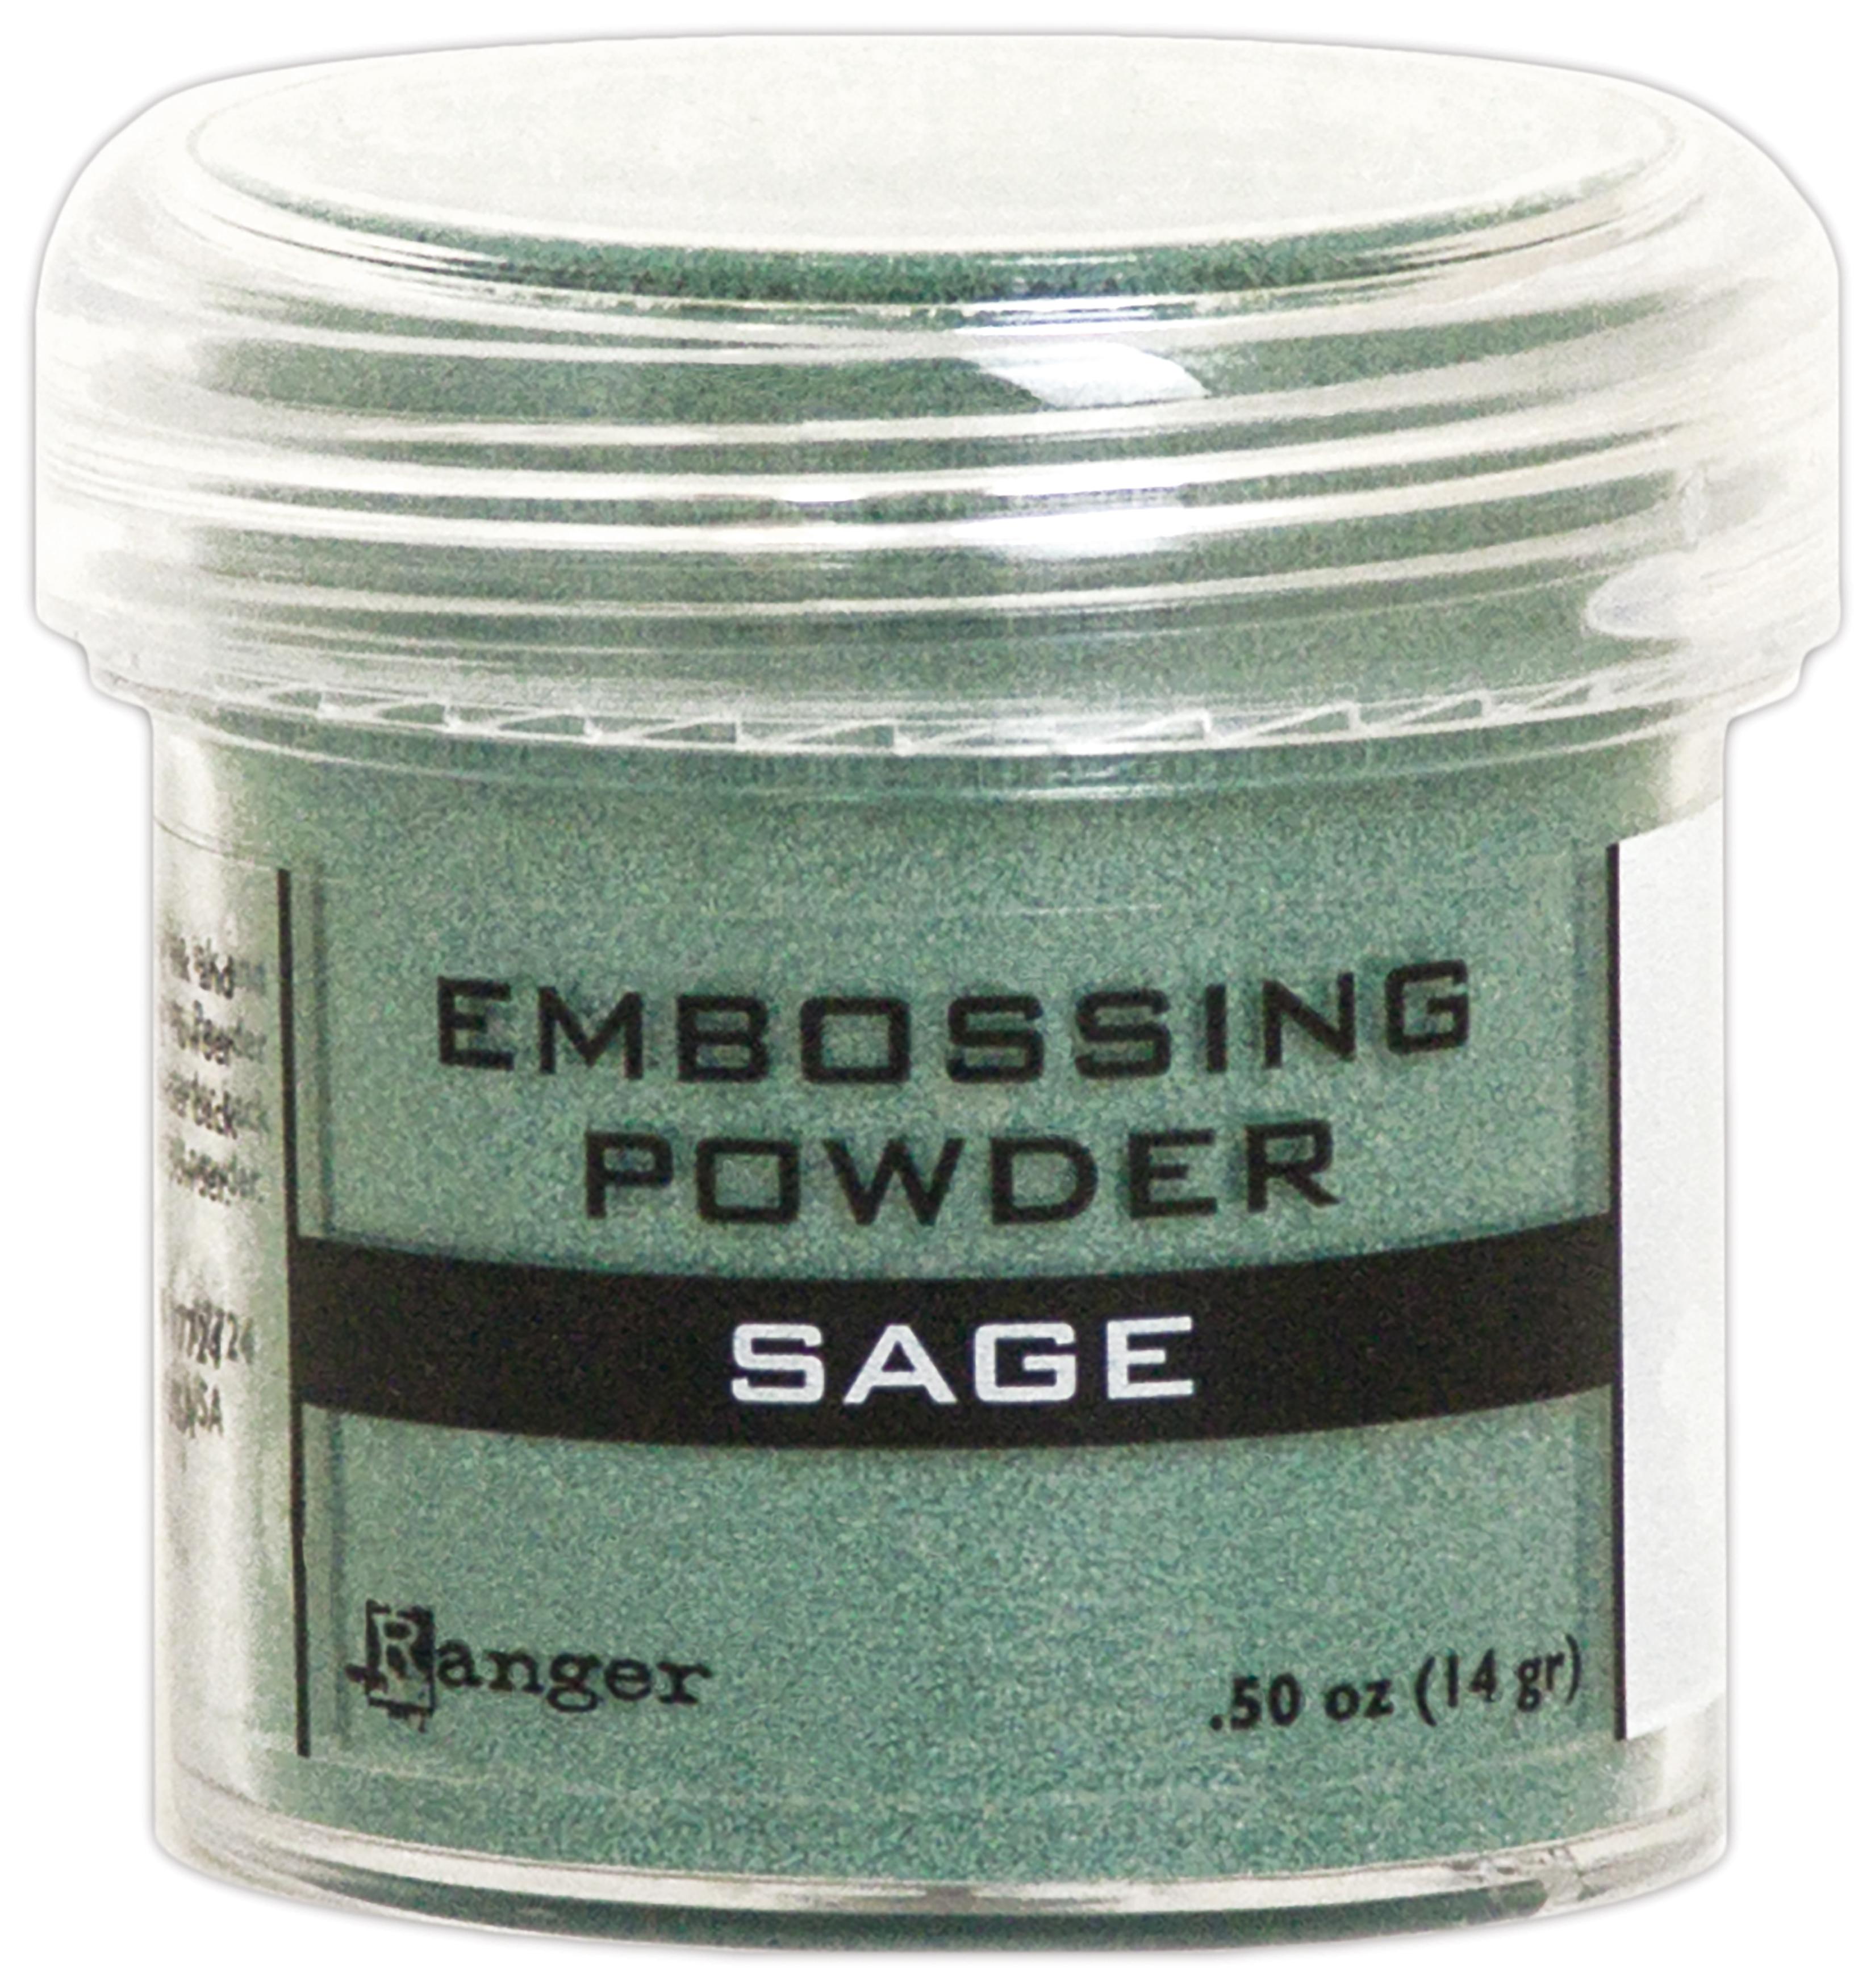 SAGE      -EMBOSSING POWDER